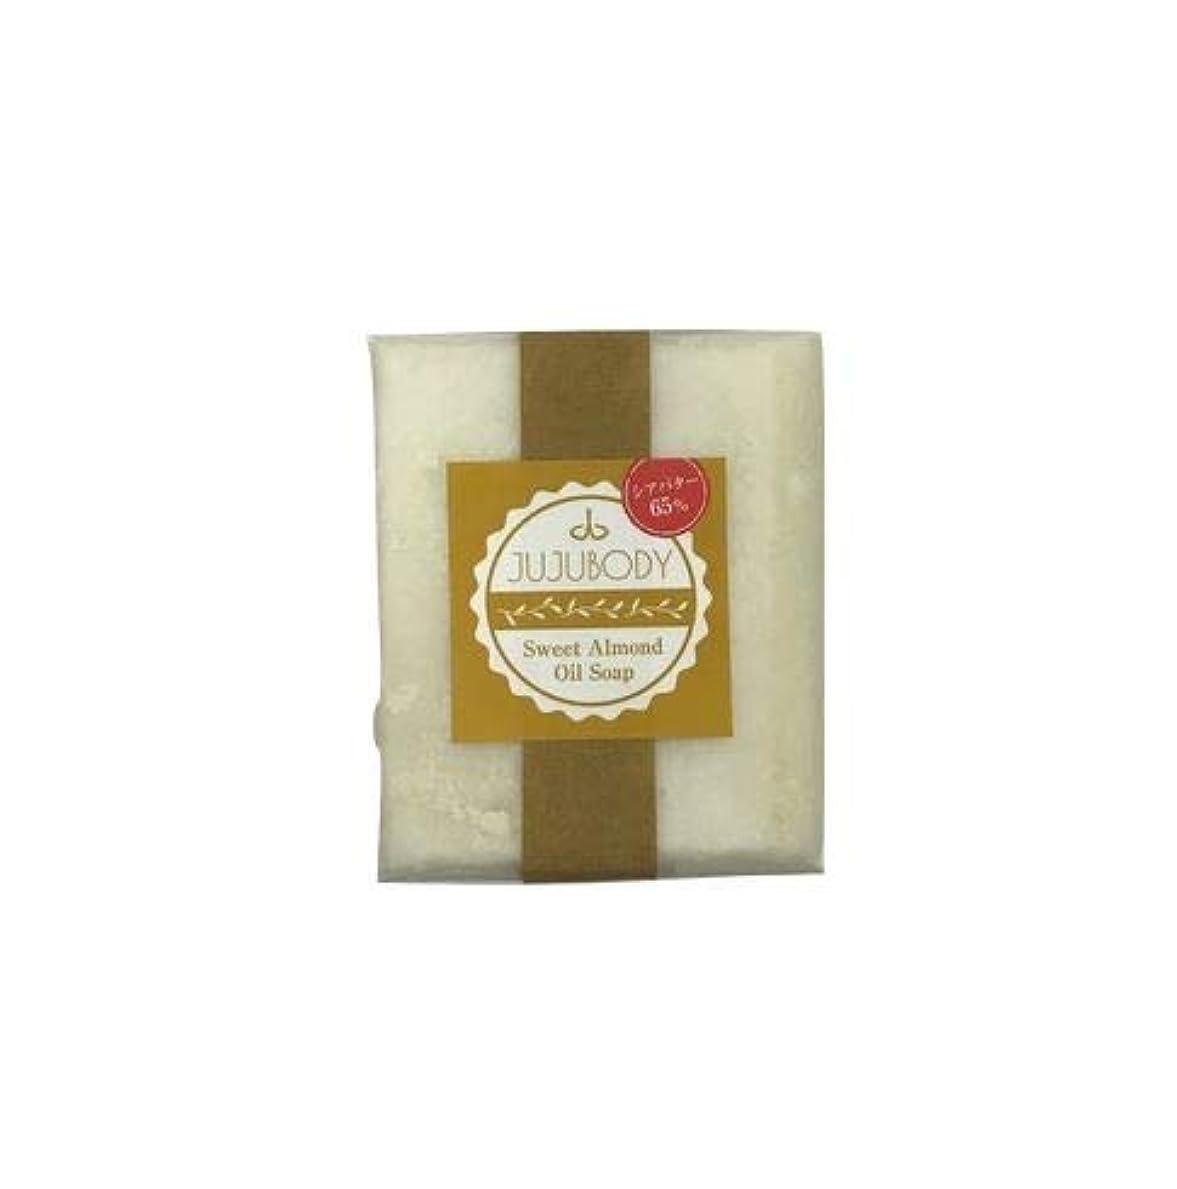 ゆでるソースバリーJUJUBODY スウィートアーモンドオイル&シアバターソープ(110g)